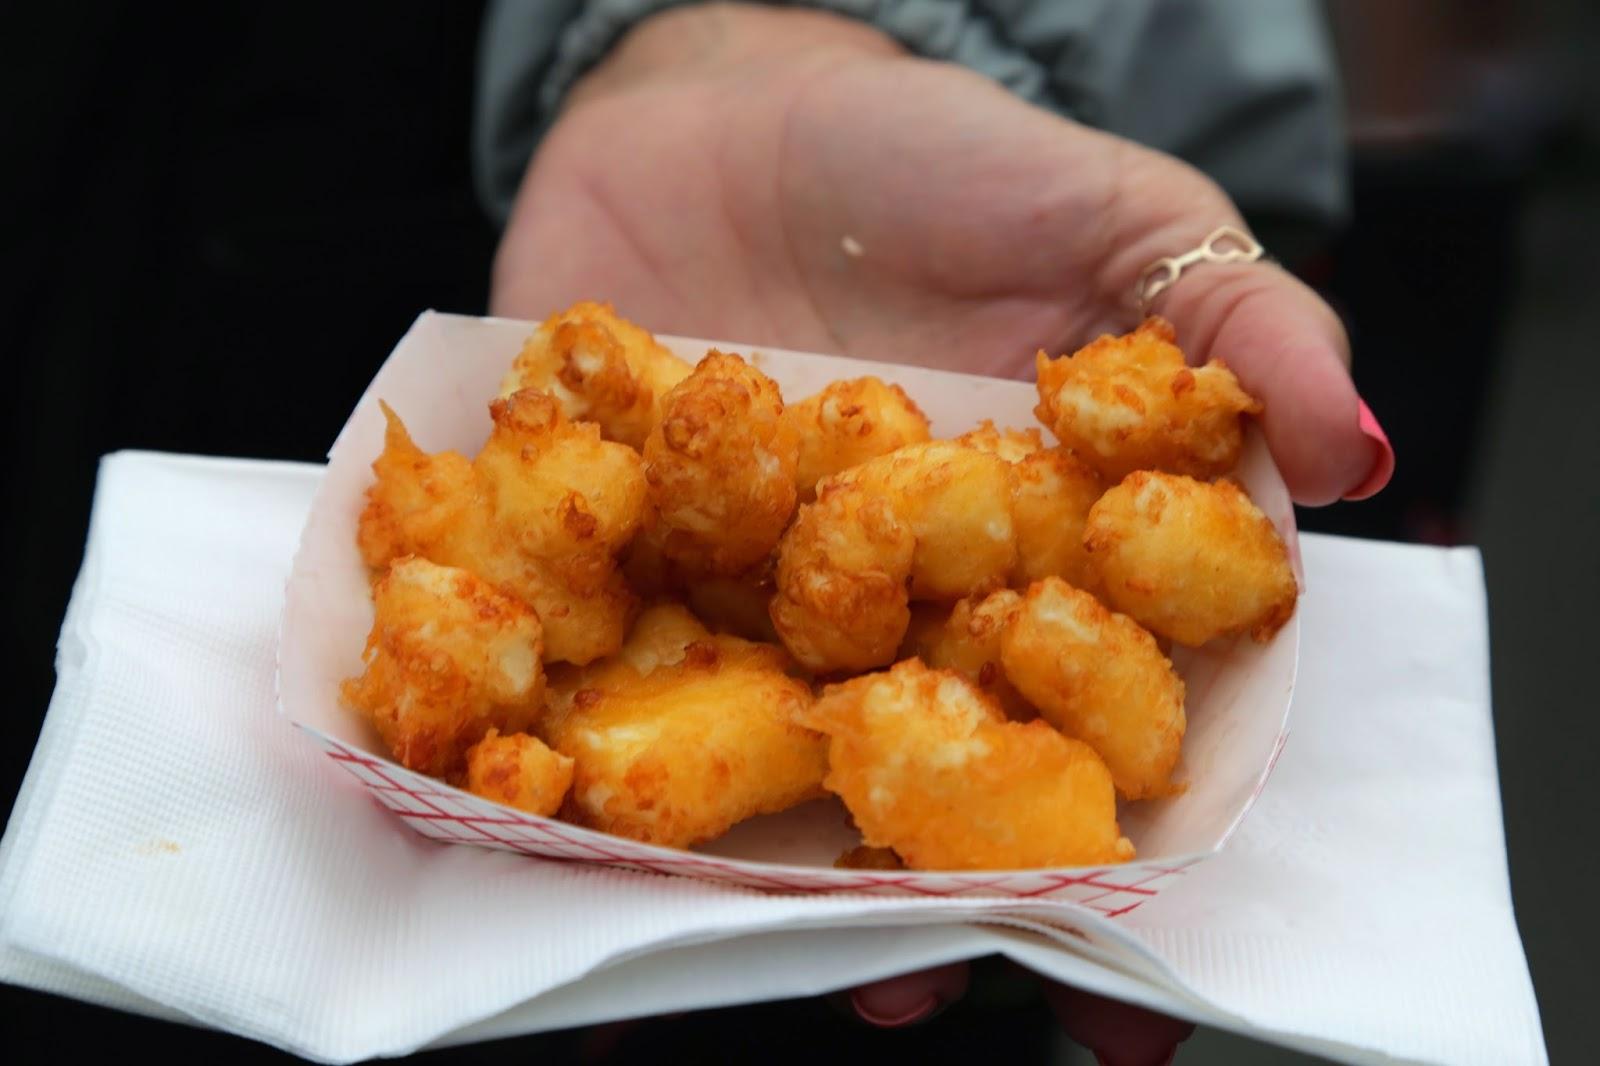 Fried cheese curds, Alaska State Fair